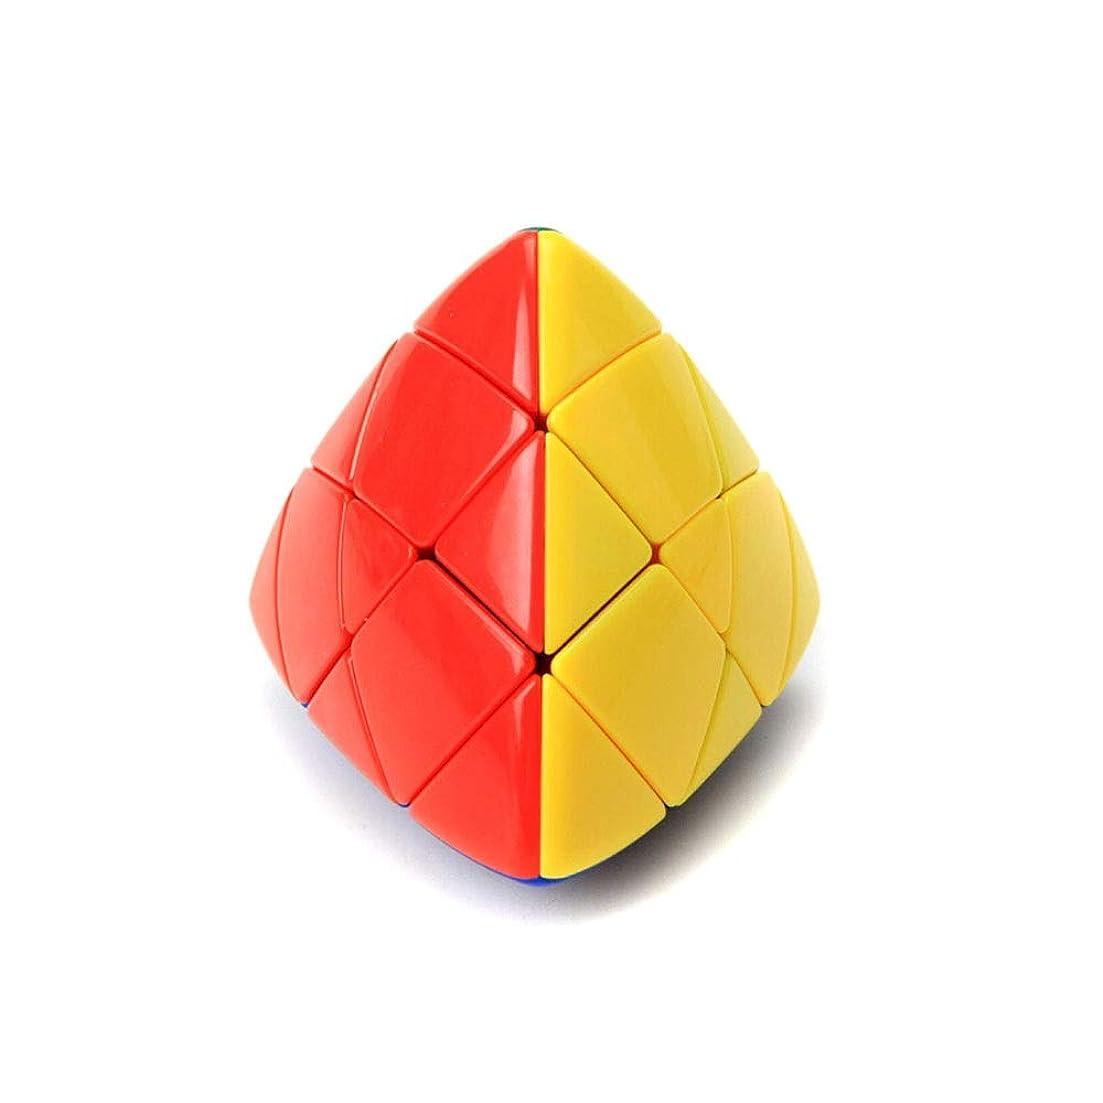 針ノベルティ放置Hongyuantongxun ルービックキューブ、クリエイティブデザインスタイル、安全で環境に優しいABS素材の製造、贈り物としてもお使いいただけます 実用的 (Edition : Third order)